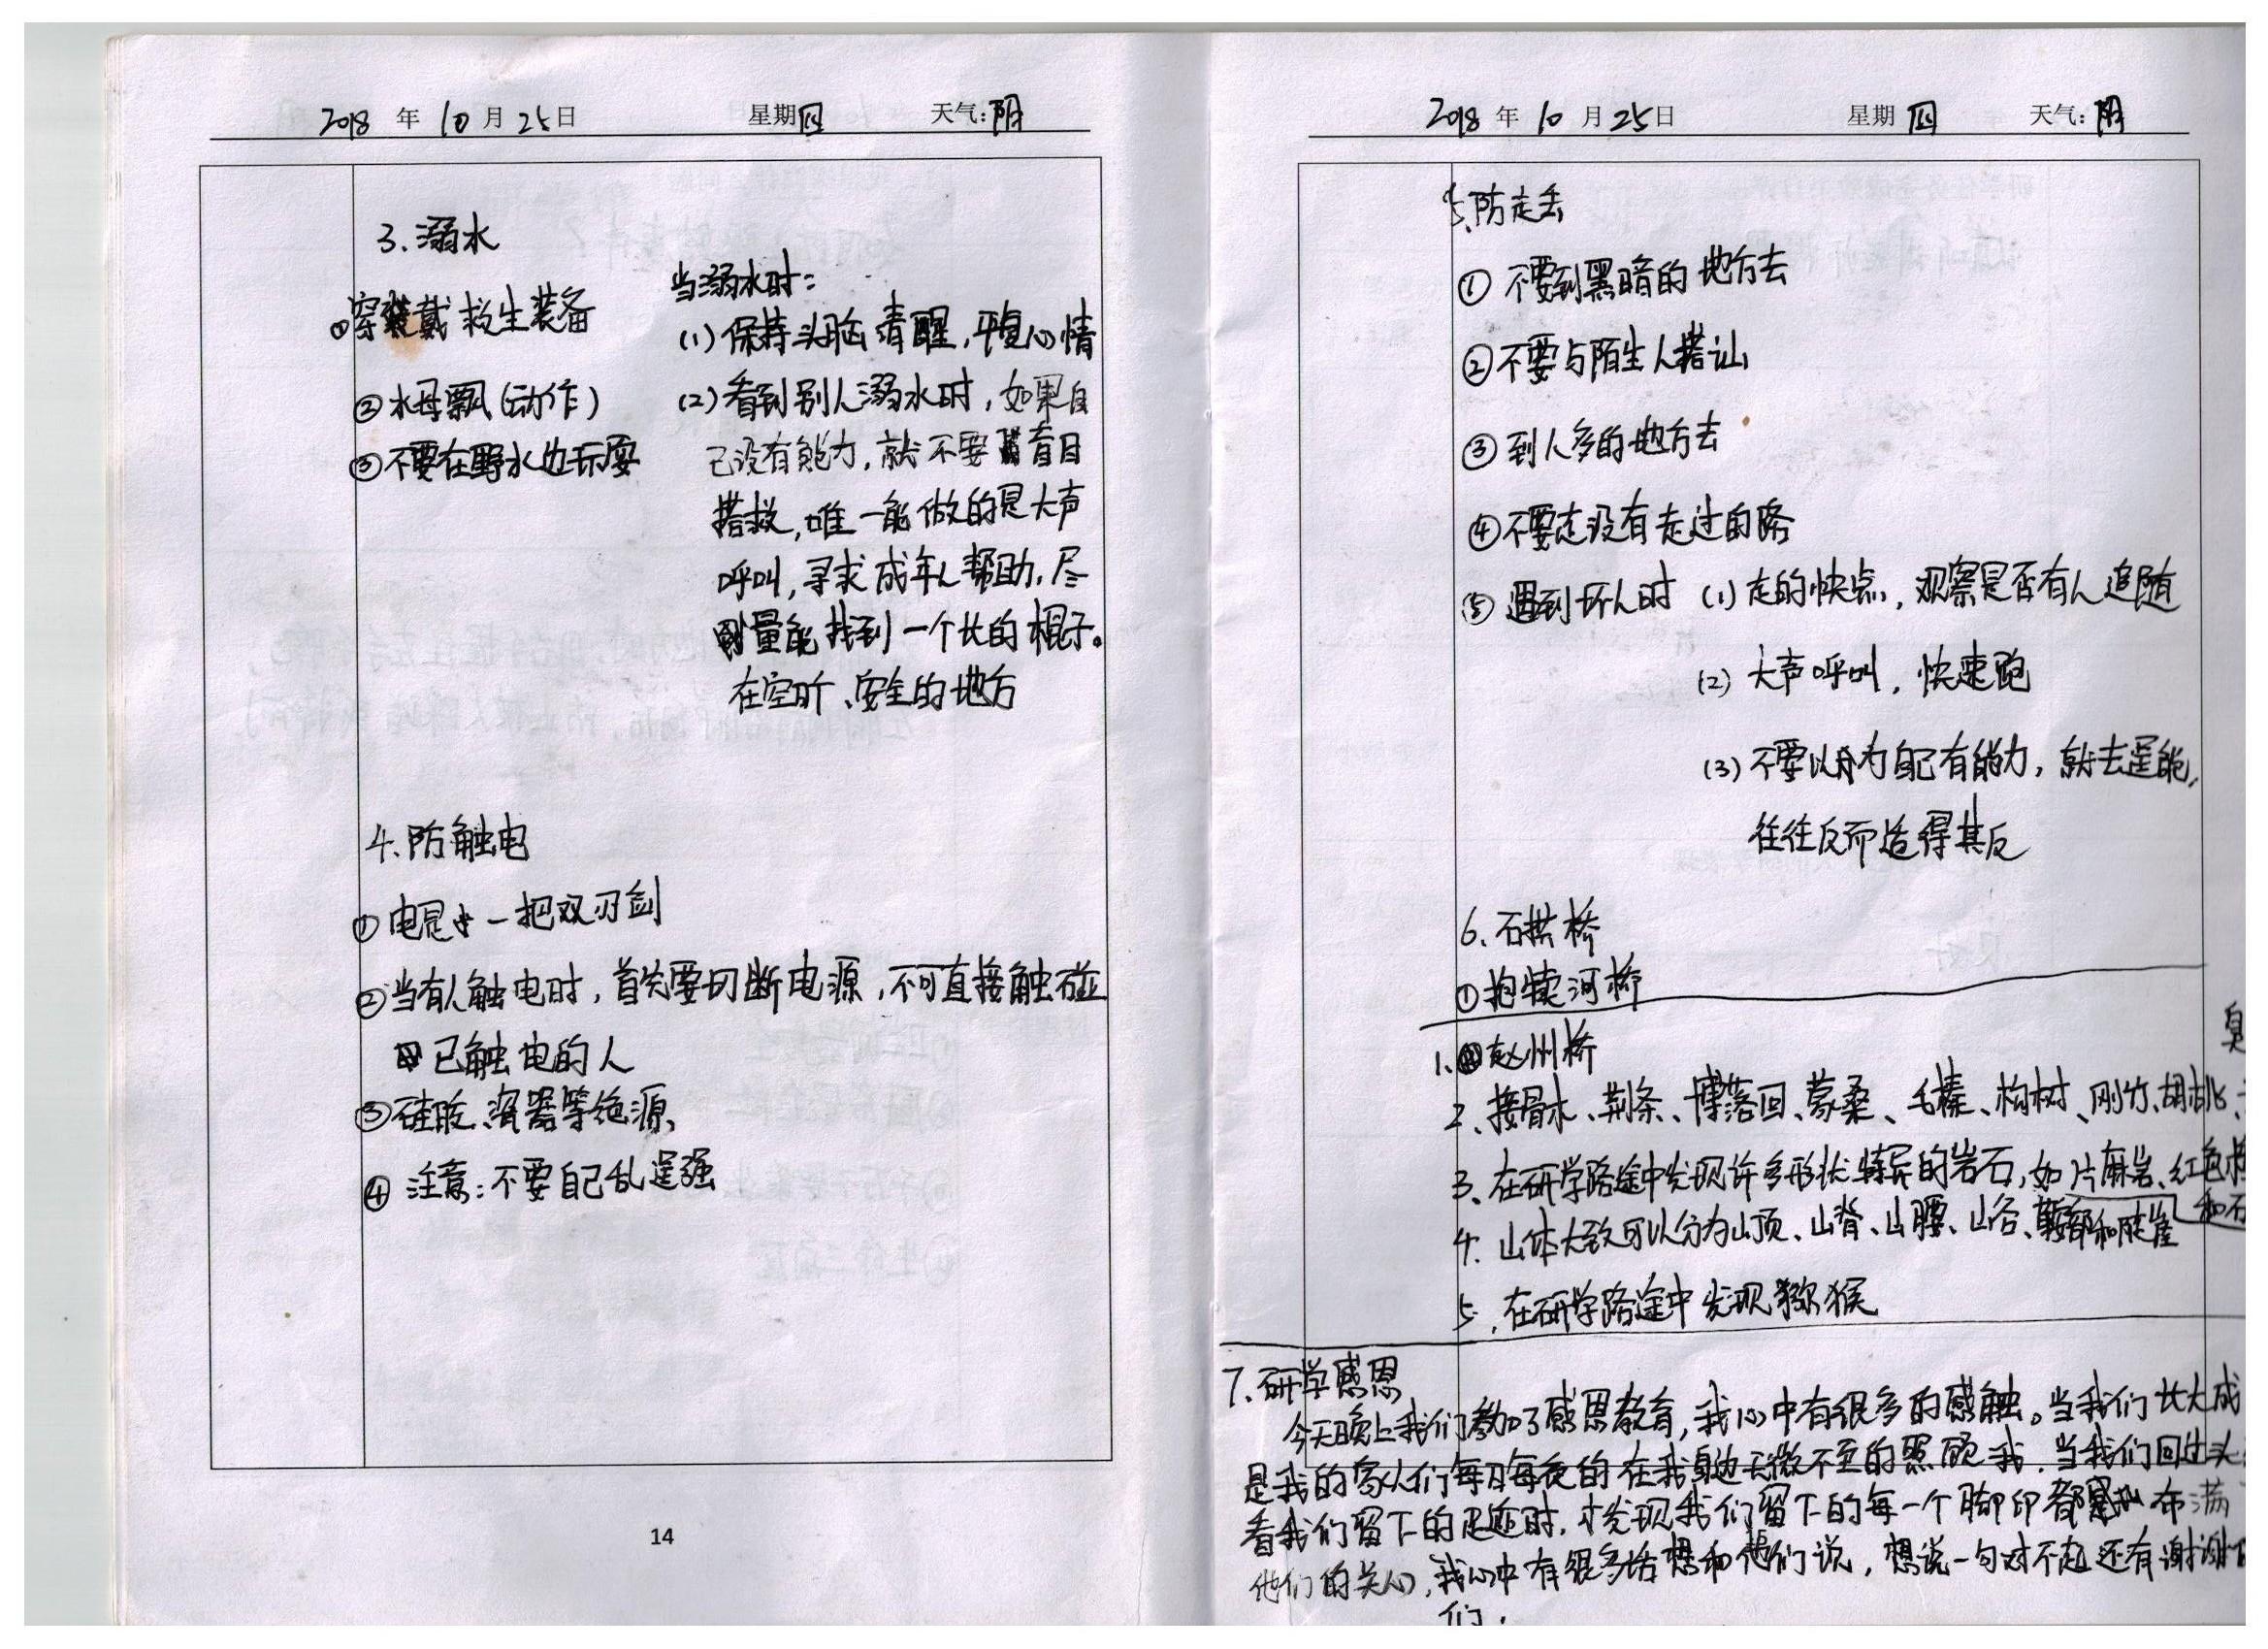 新乡市二十中学初中研学-优秀笔记